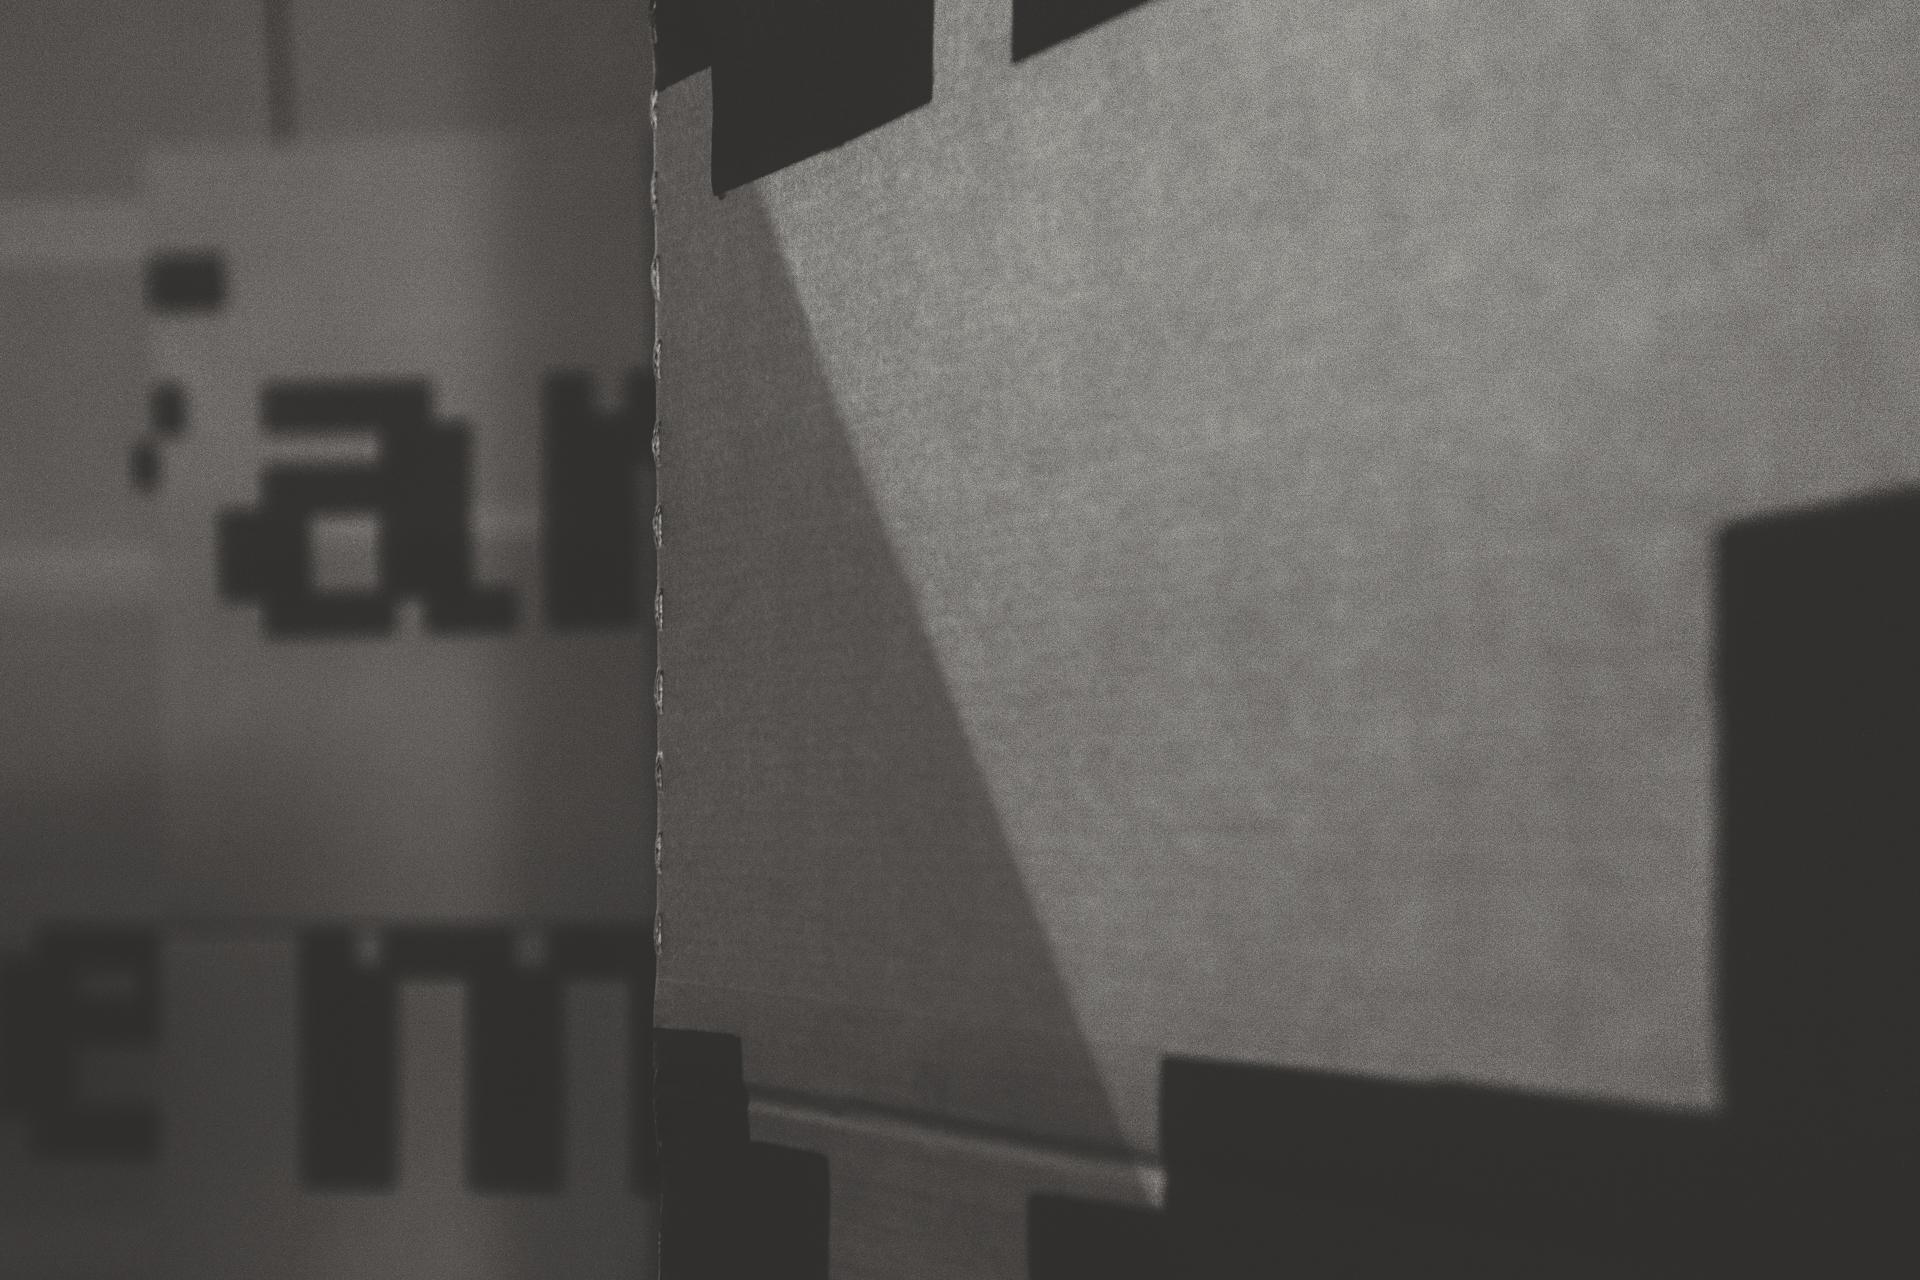 _MG_1703-Editar-Editar+N.jpg